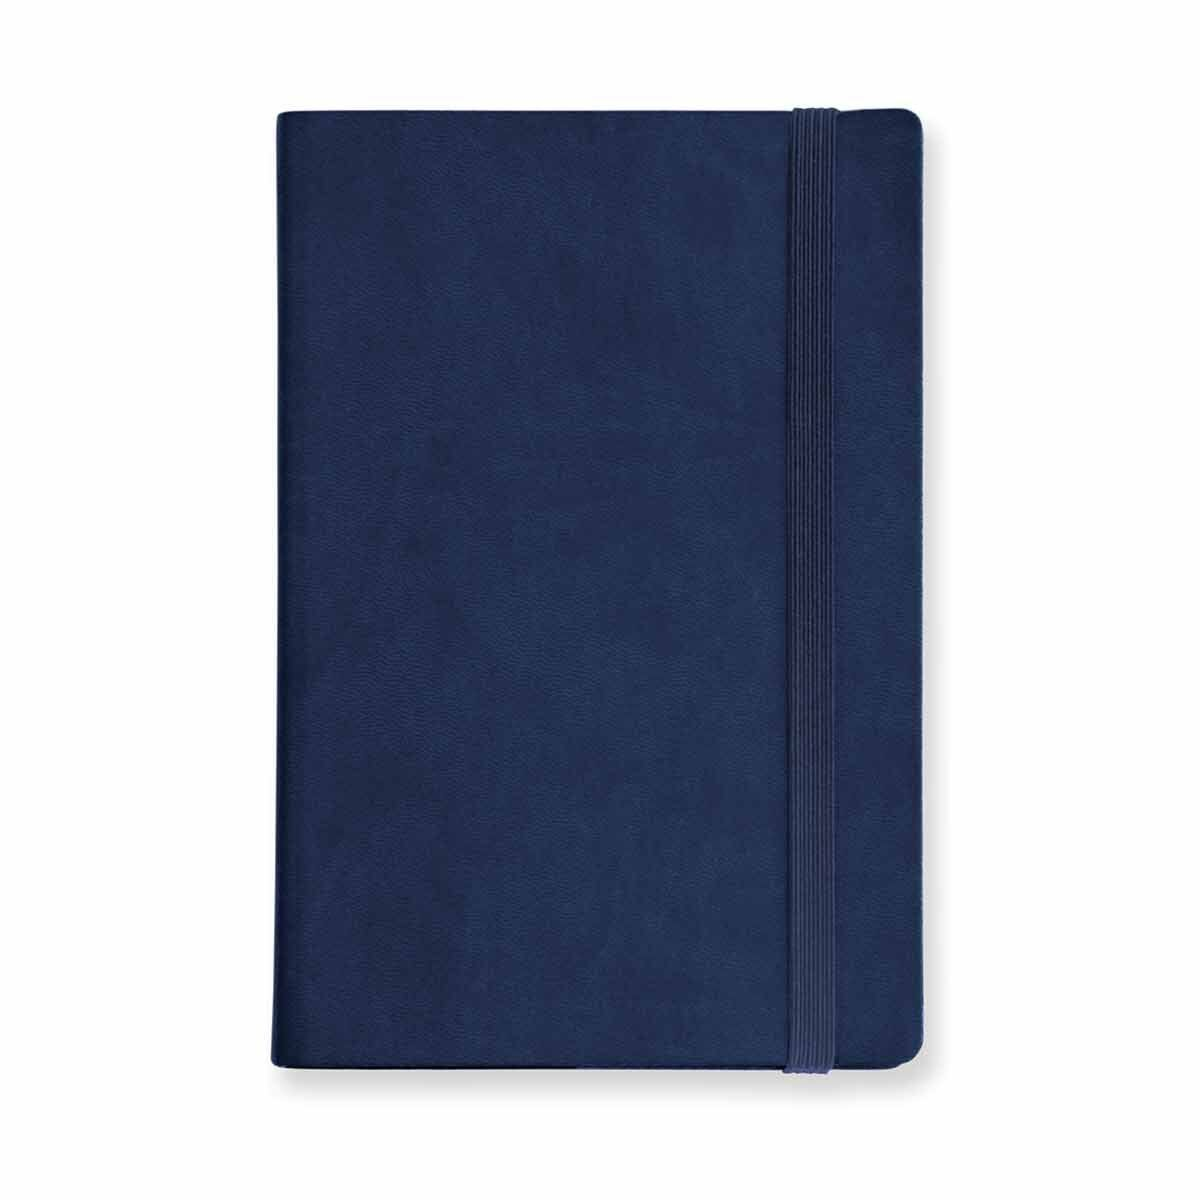 Legami My Notebook Medium Lined Blue